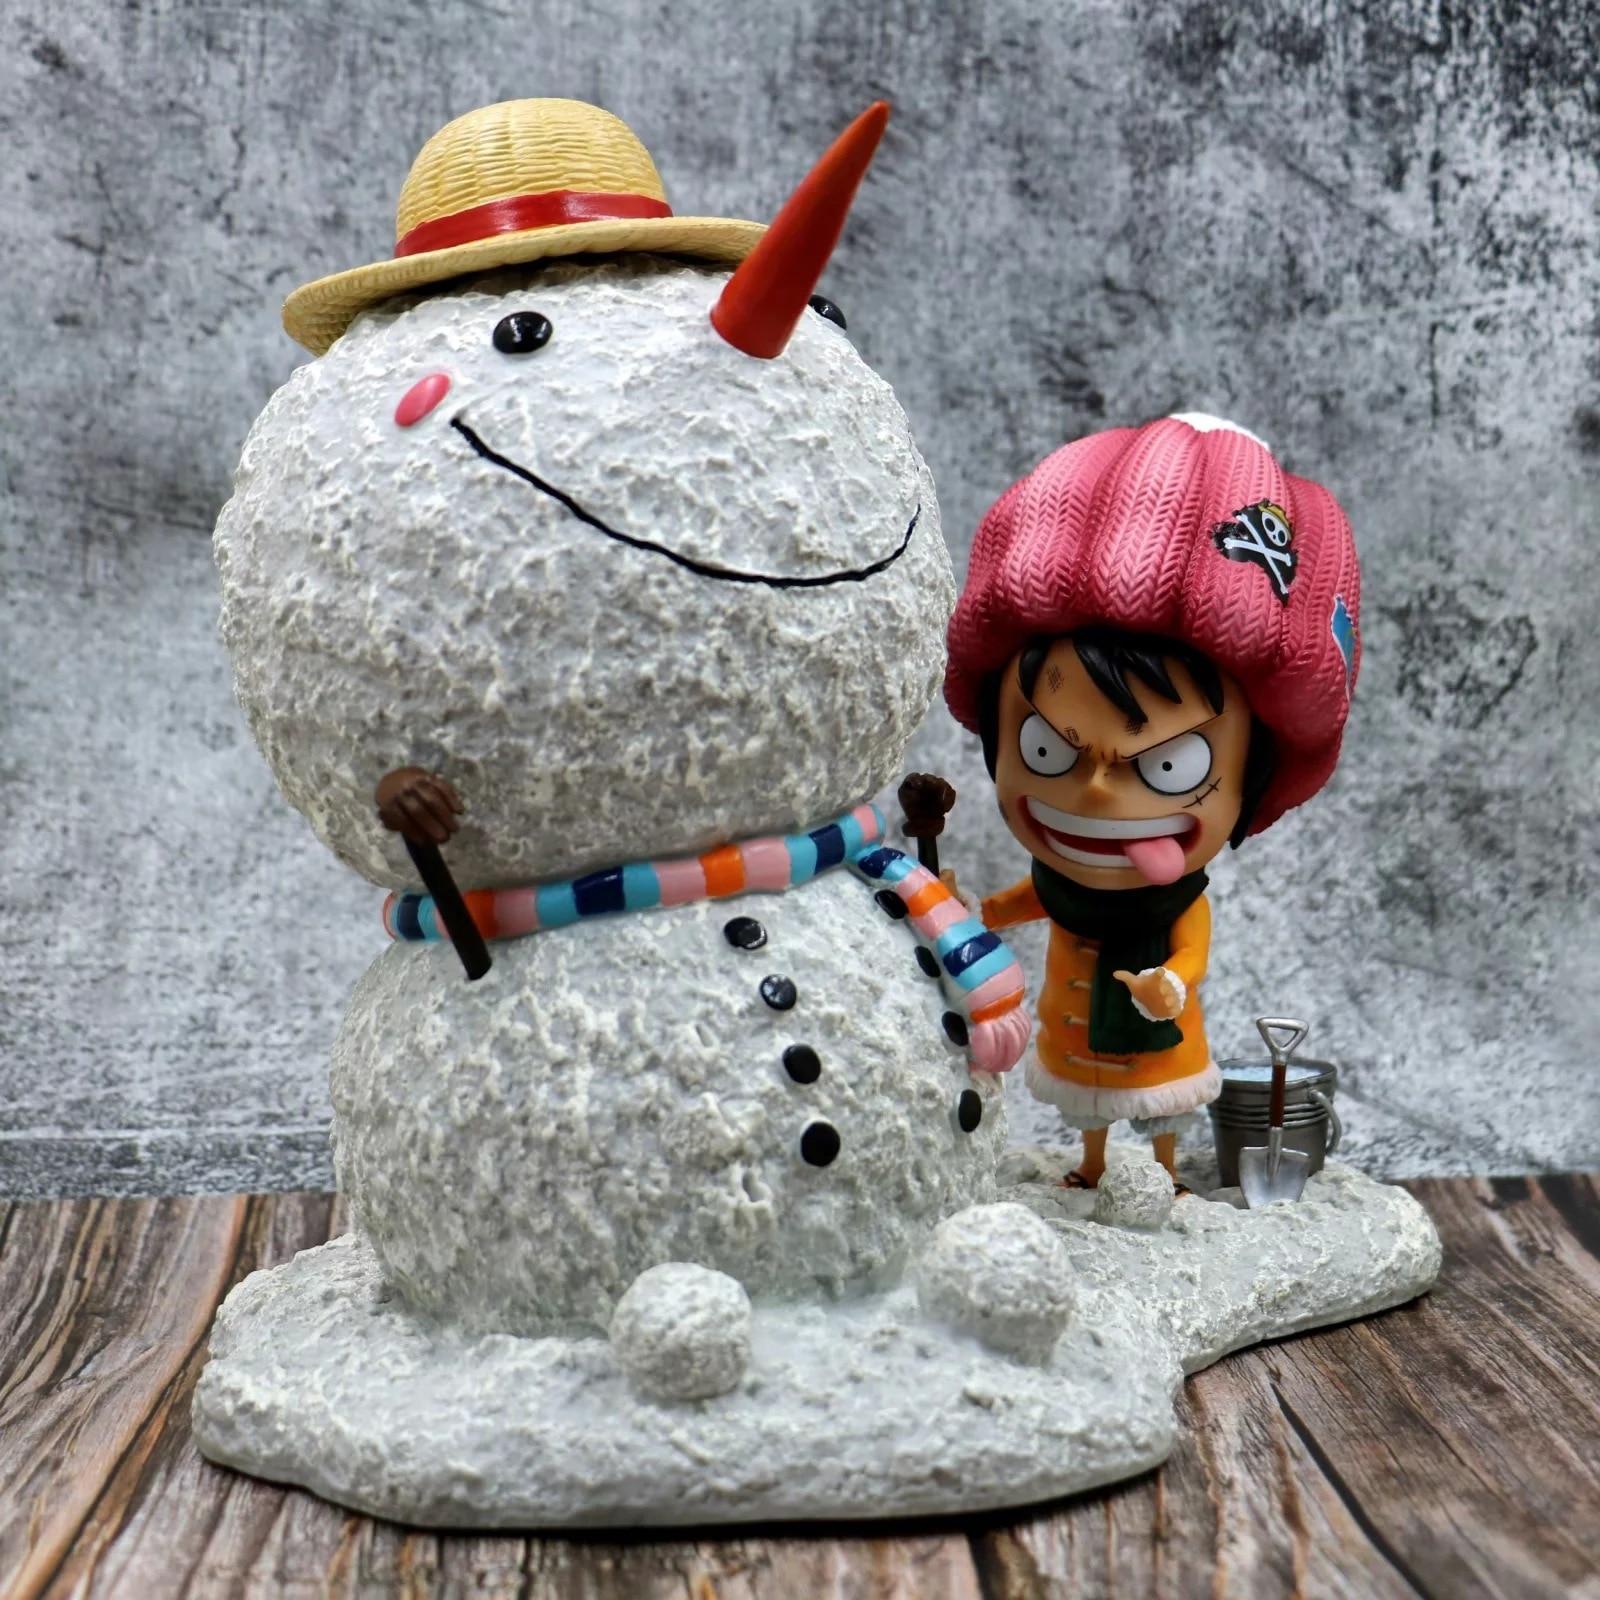 Hoed sneeuwpop Mascotte Kostuum Kostuums Cosplay Party Game Jurk Outfits Kleding Reclame Promotie Carnaval Halloween - 2